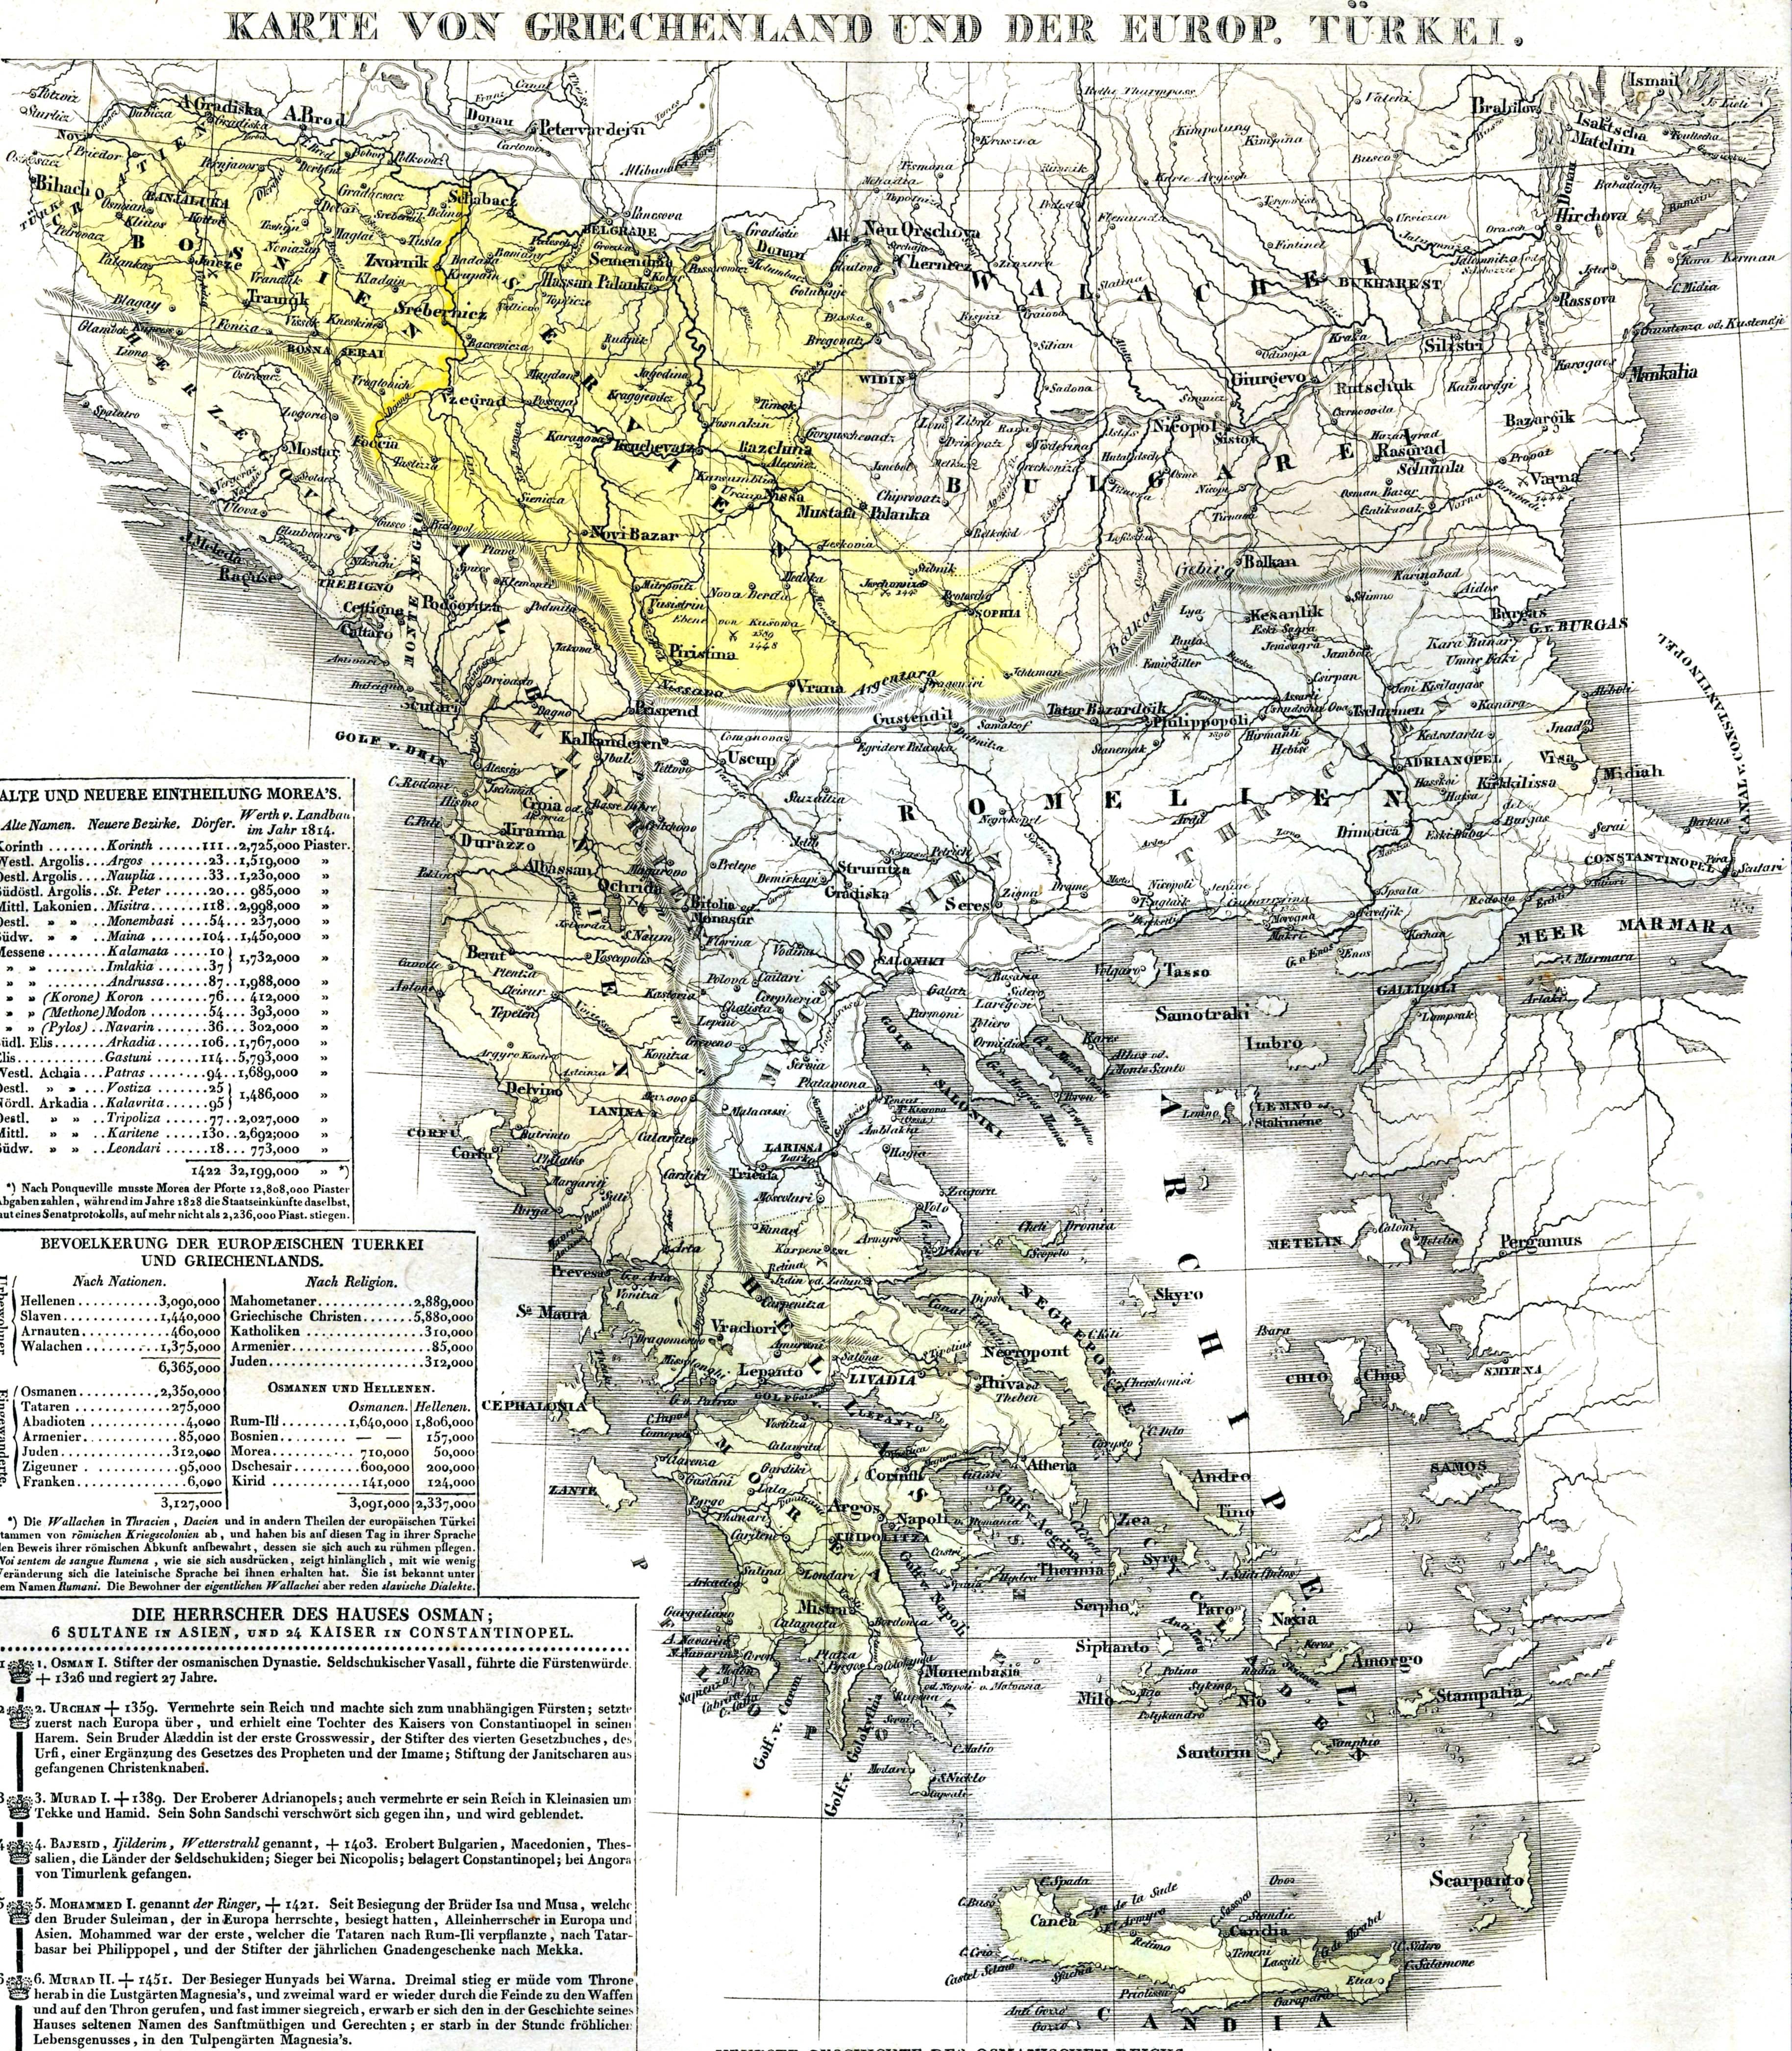 Fişier:Karte von Griechenland und der europäischen Türkei 1829.JPG